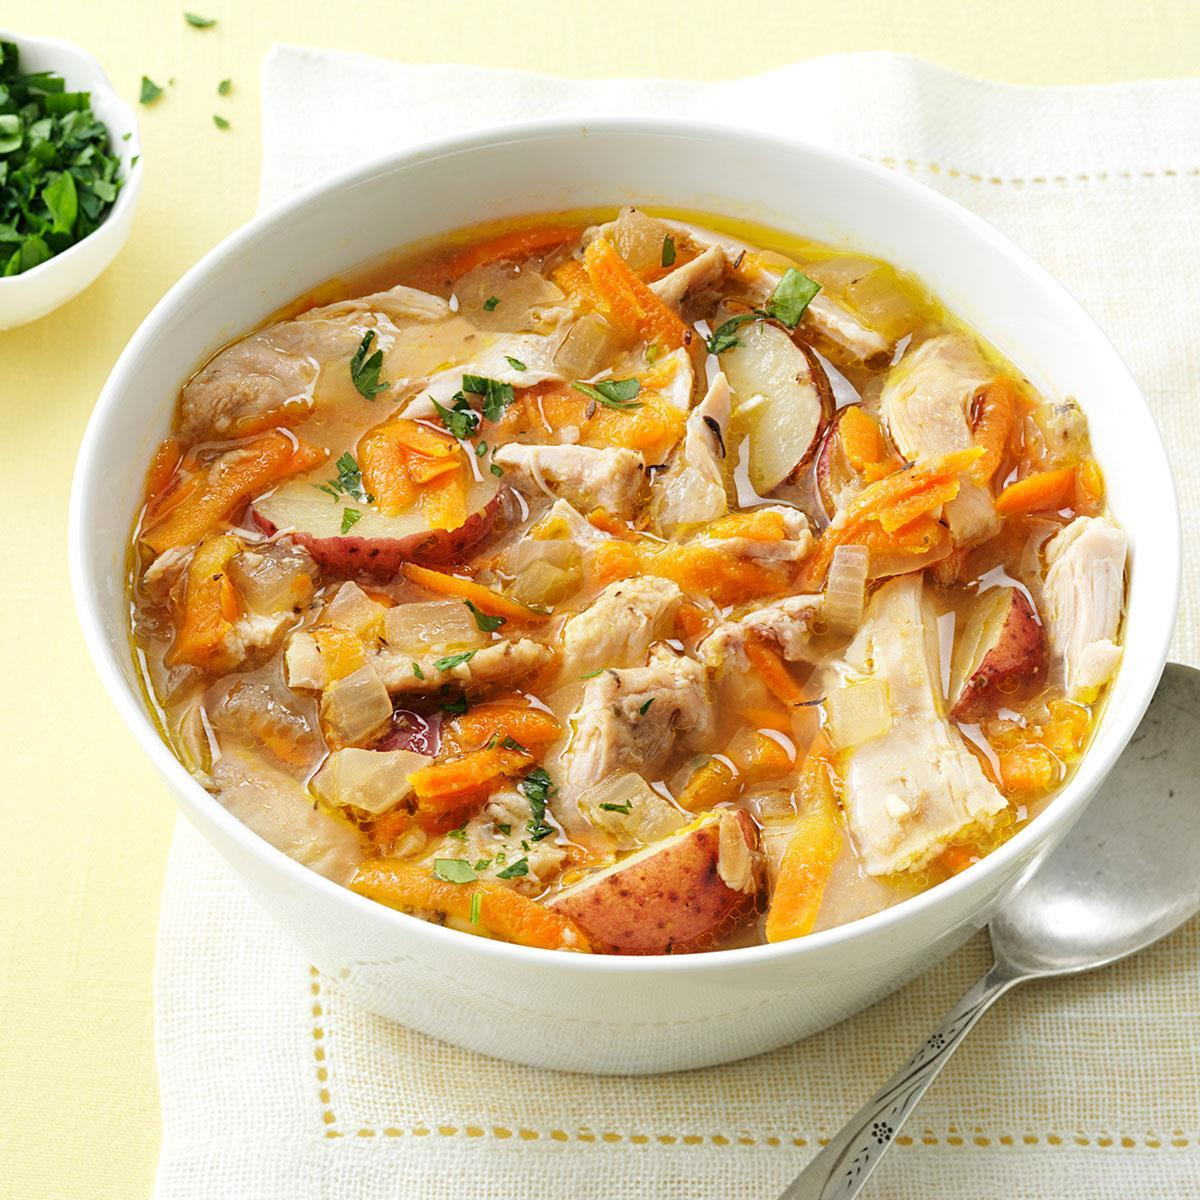 Pressure Cooker Spring-Thyme Chicken Stew